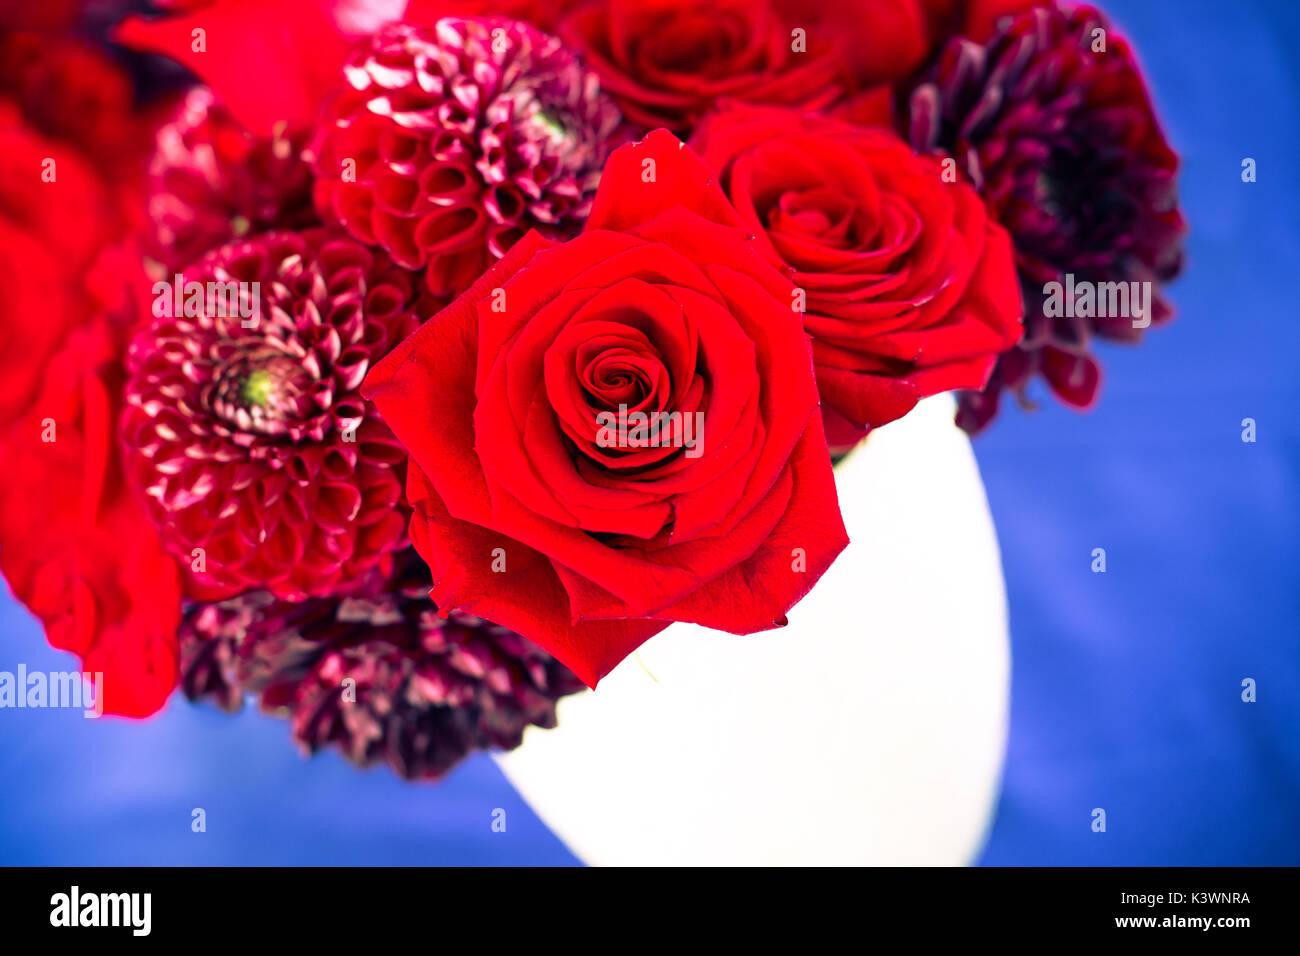 Rosen Und Rote Blumen Im Strauss In Rot Weiss Und Blau Farbpalette